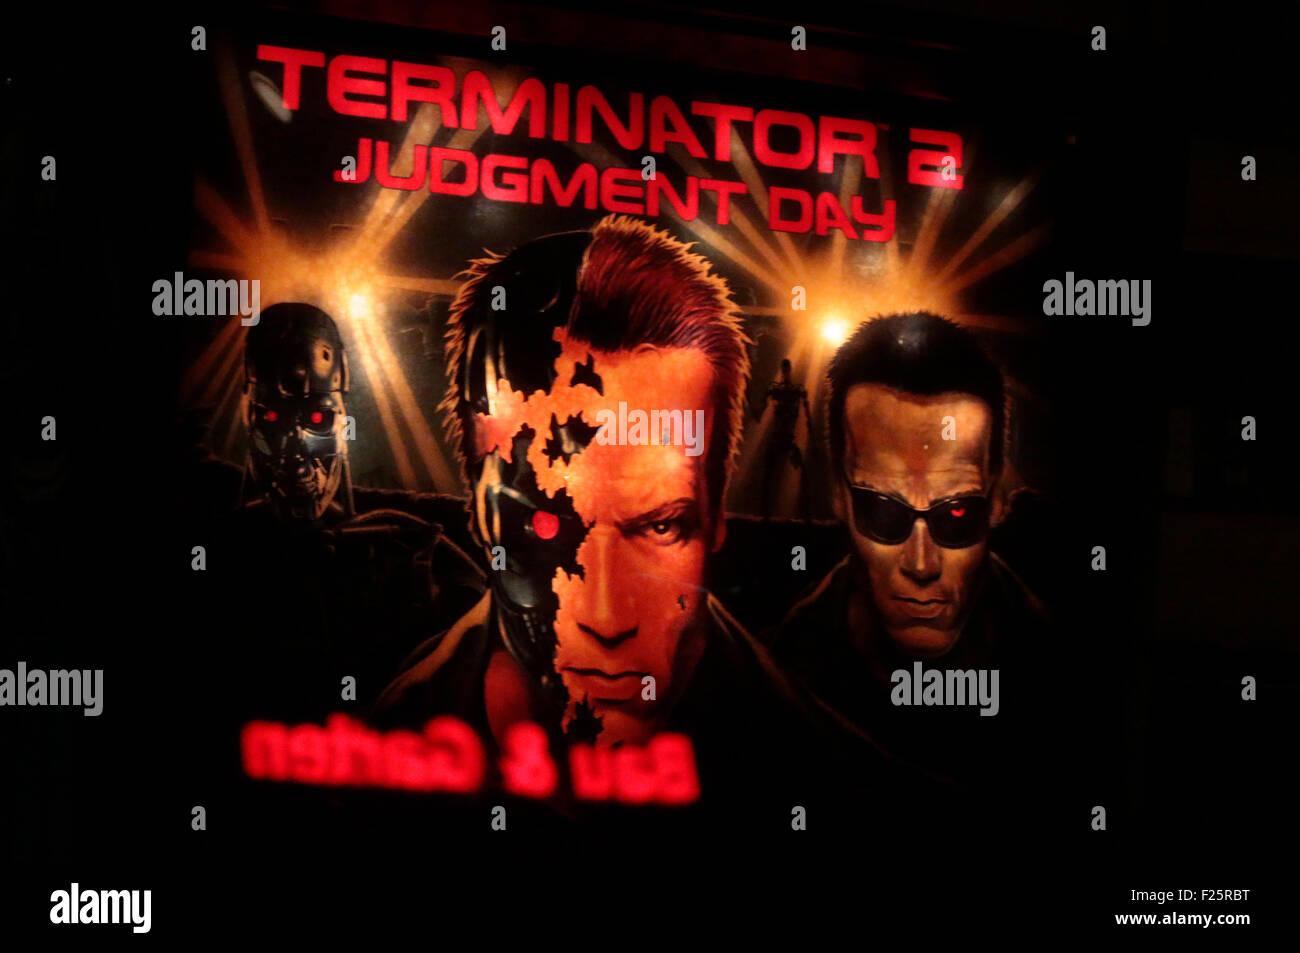 historisches Werbeplakat fuer den Spielfilm 'Terminator Jugdement Day' mit Arnold Schwarzenegger, Berlin. - Stock Image